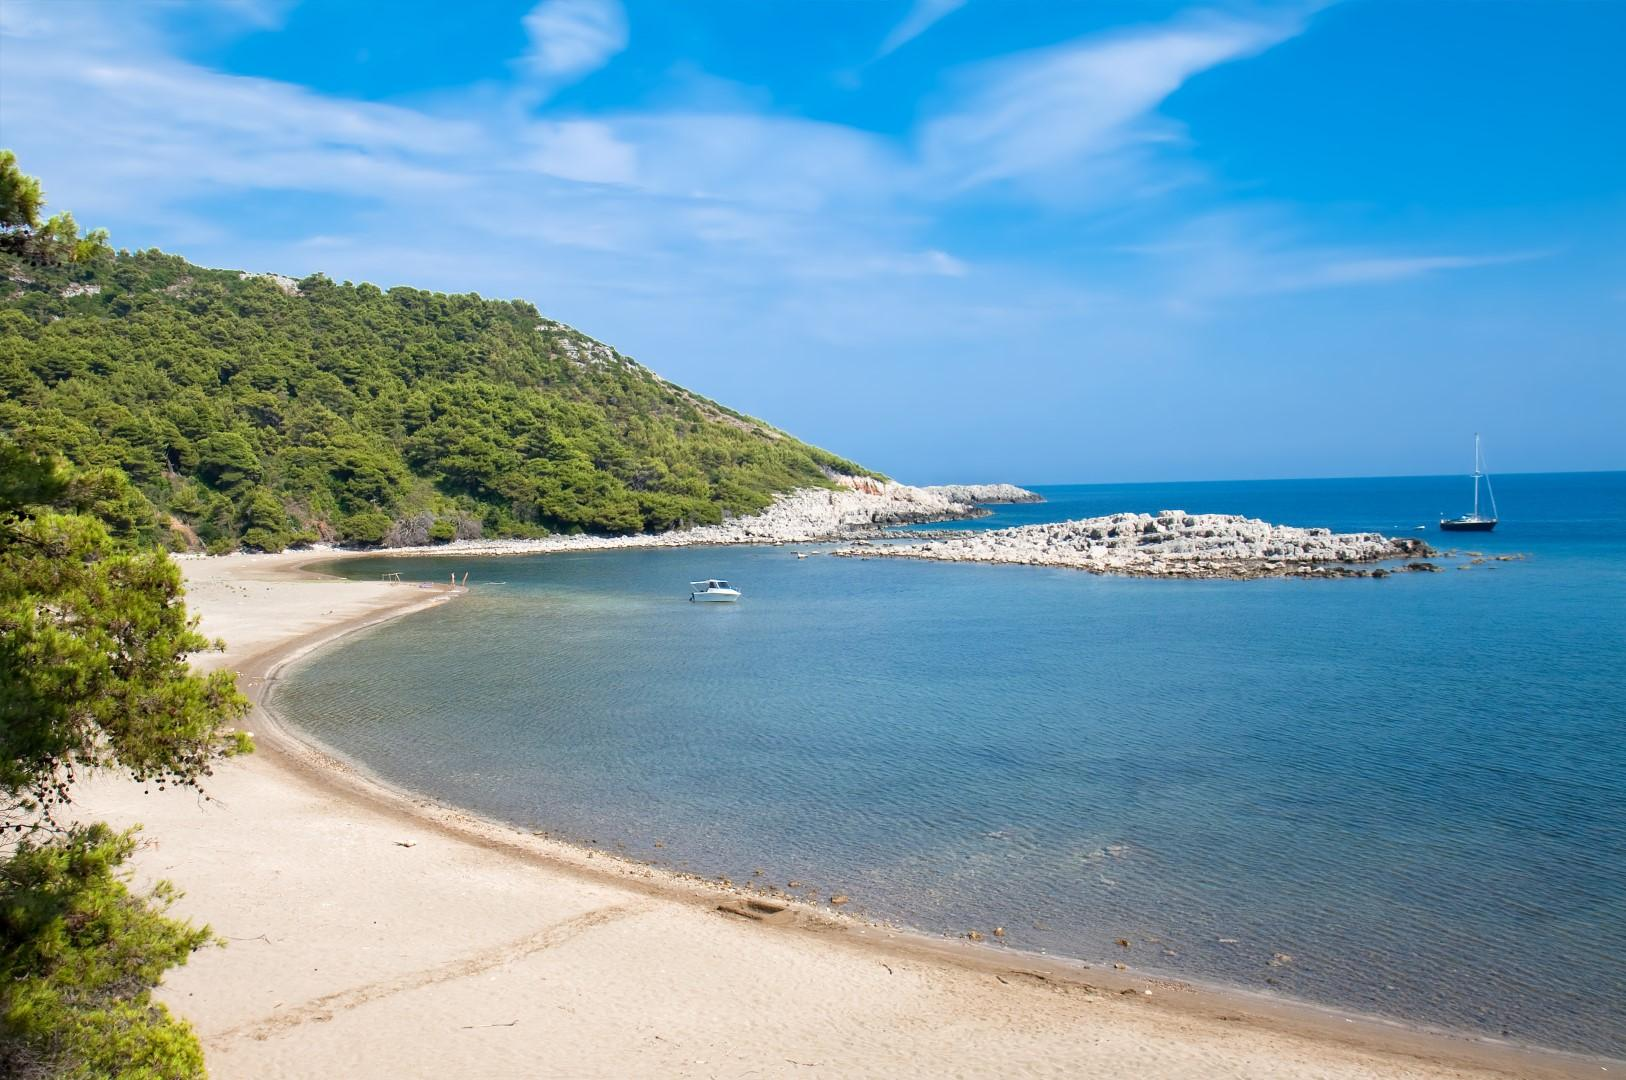 Tra le isole della Croazia: le spiagge per famiglia